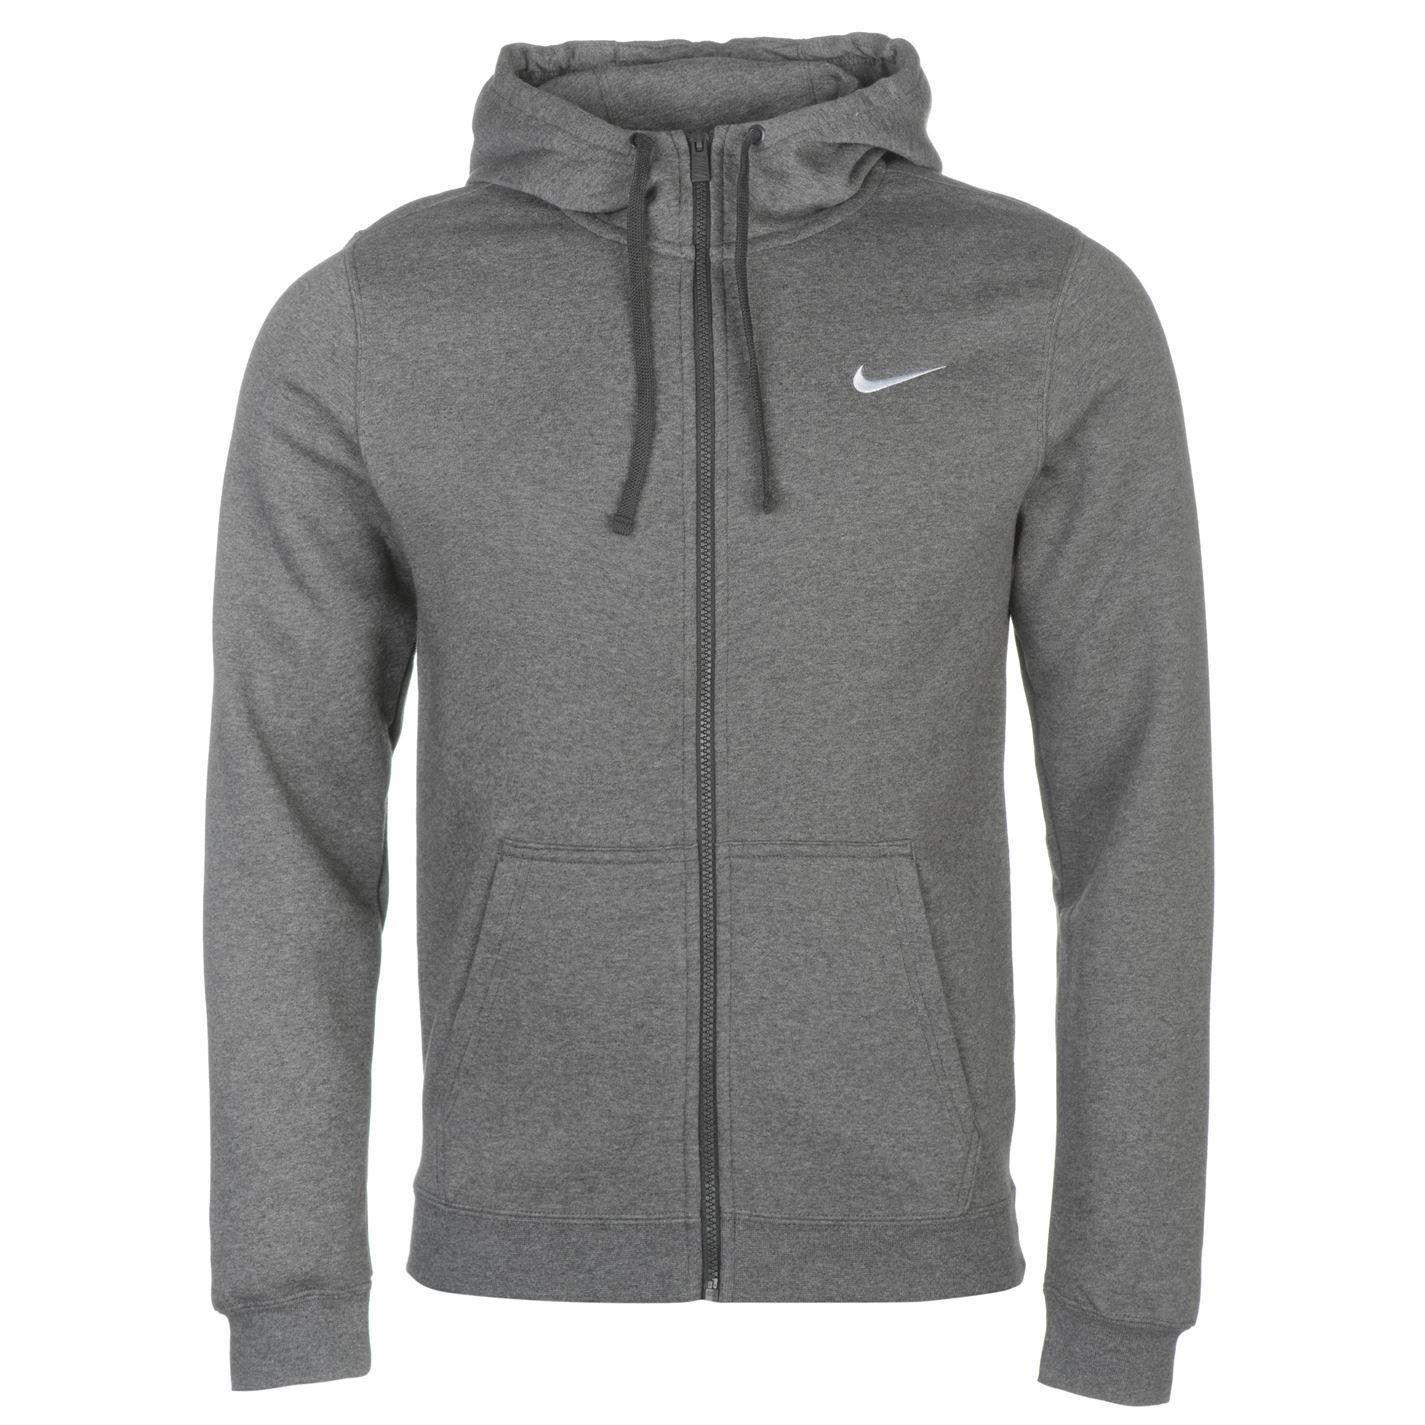 Nike-Fundamentals-Full-Zip-Hoody-Jacket-Mens-Hoodie-Sweatshirt-Sweater-Top thumbnail 15